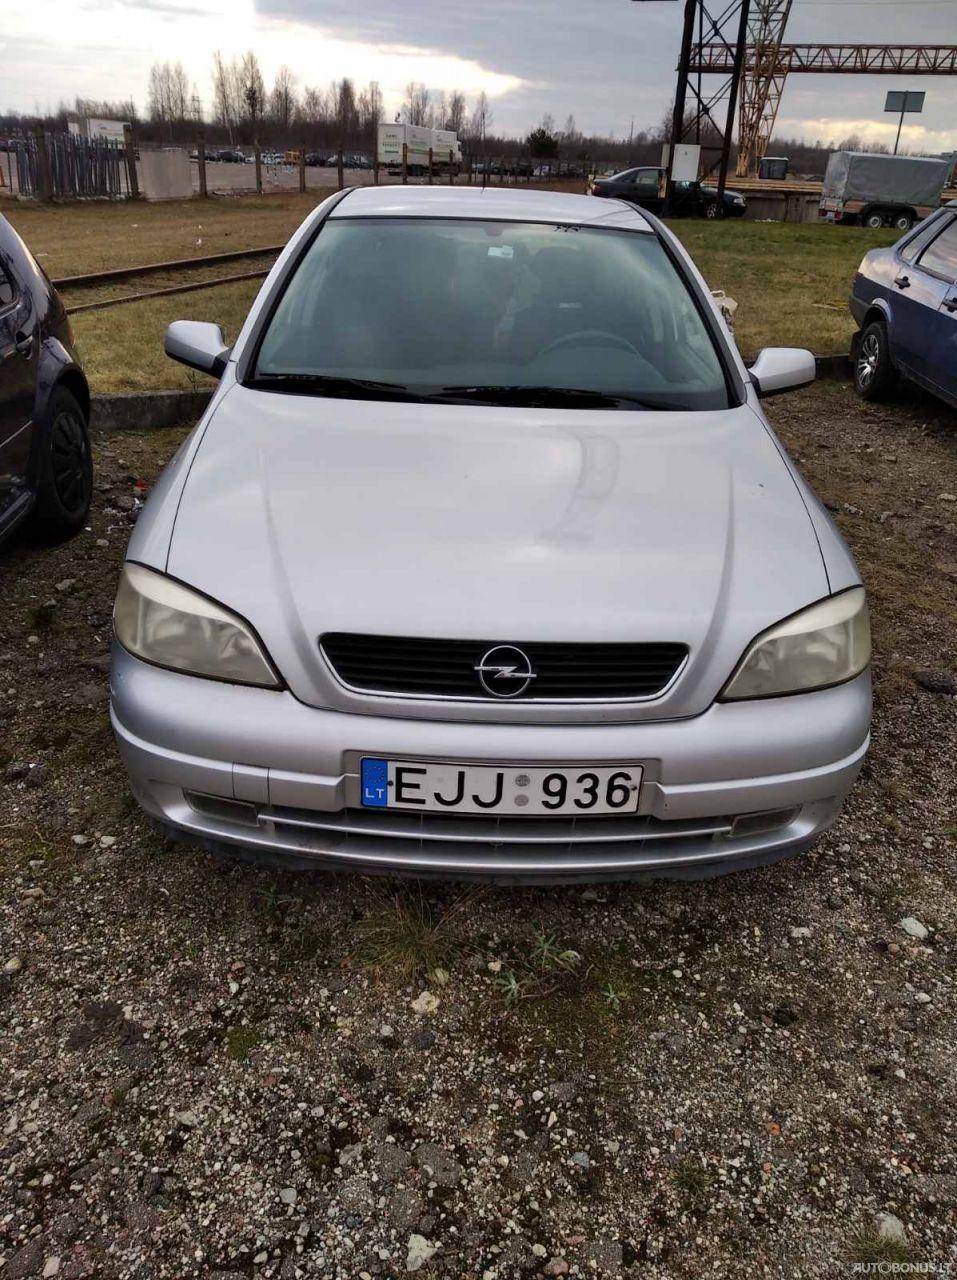 Opel Astra, 1.7 l., sedanas